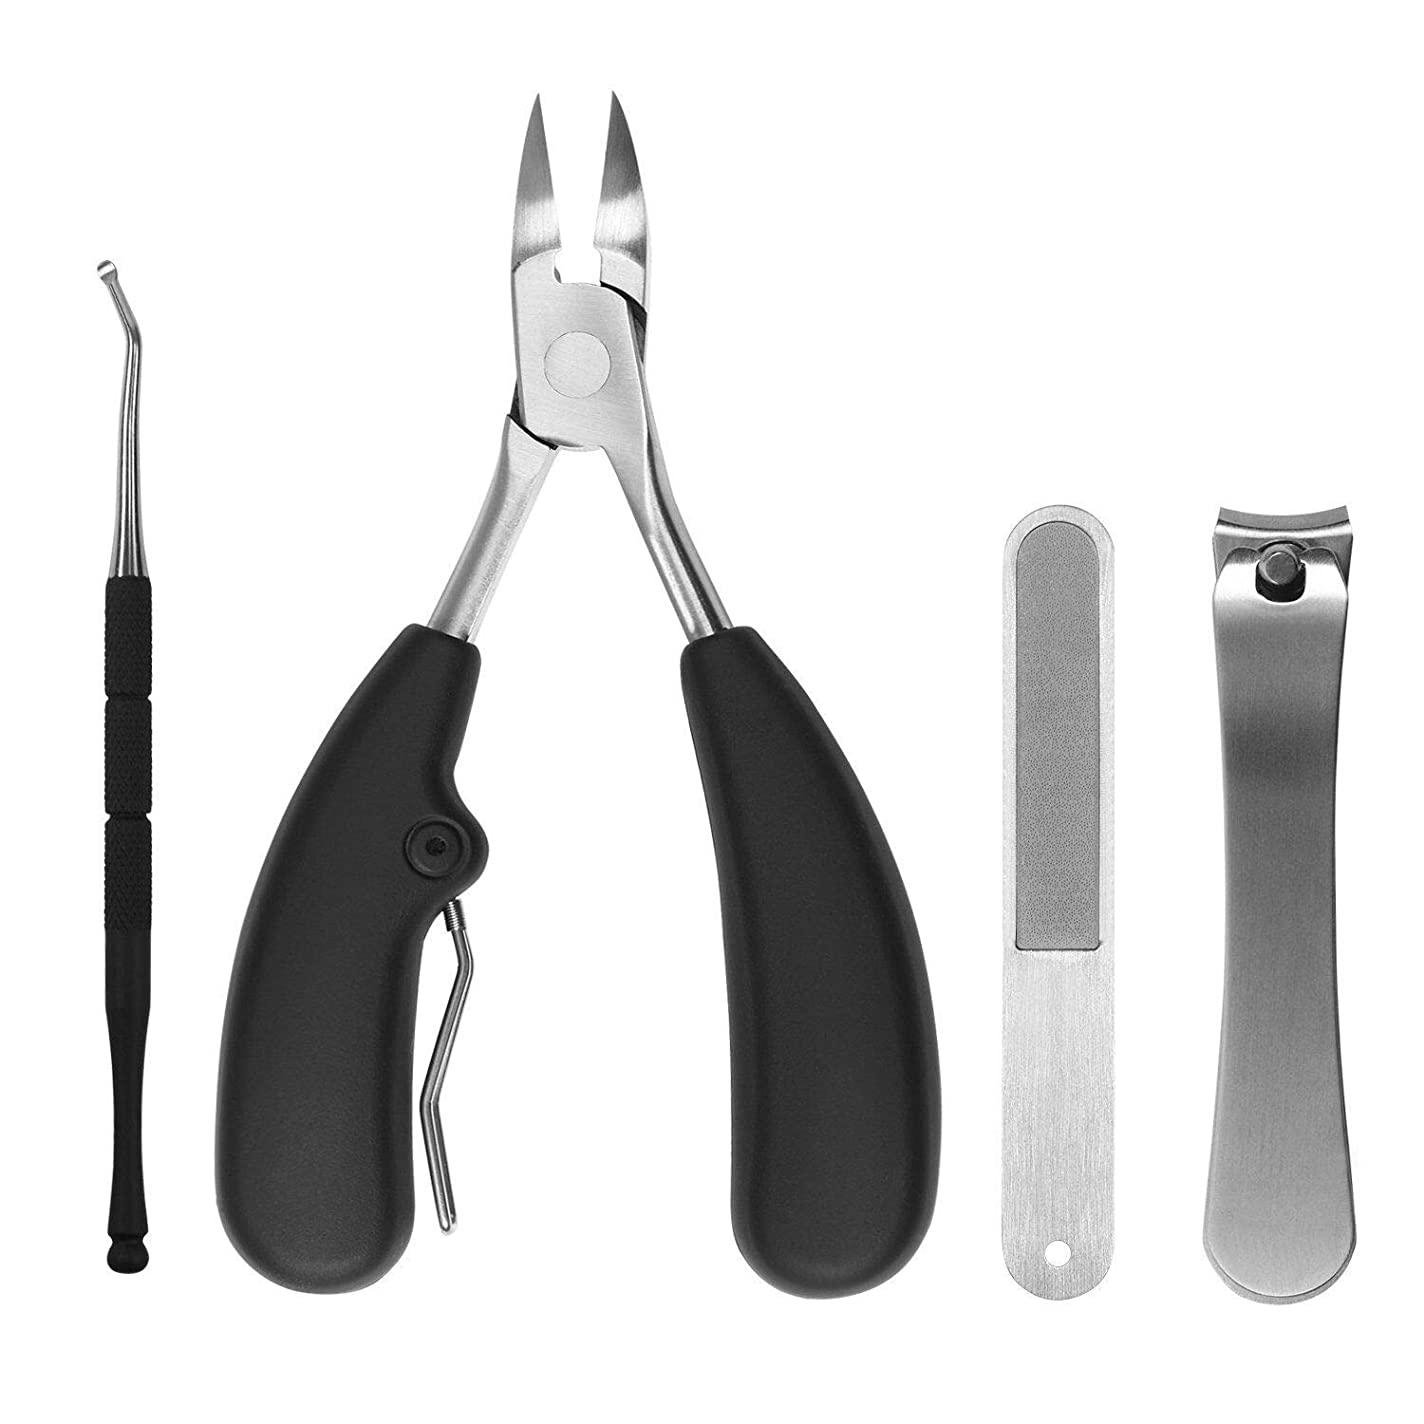 具体的に縮約ベンチャー爪切り ステンレス製爪切りセット 甘皮ケアツール 収納ケース付き